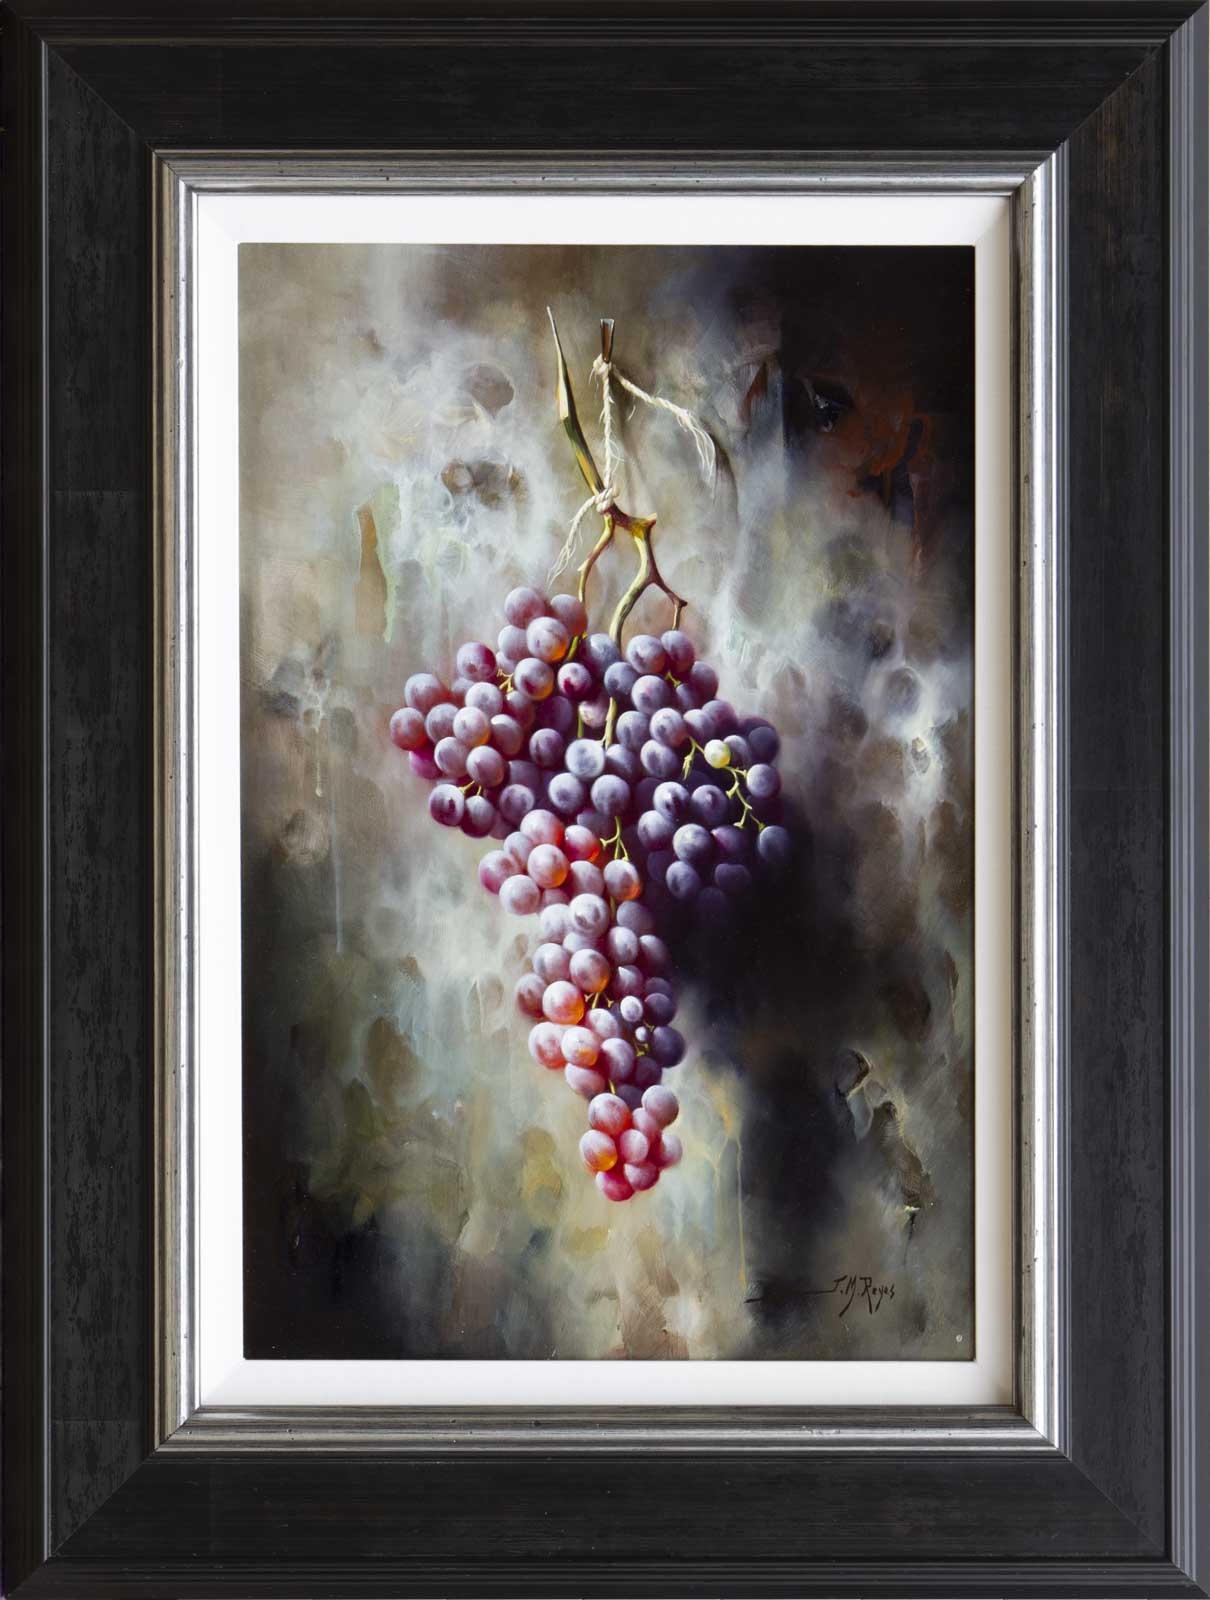 Grapes, Jose Manuel Reyes